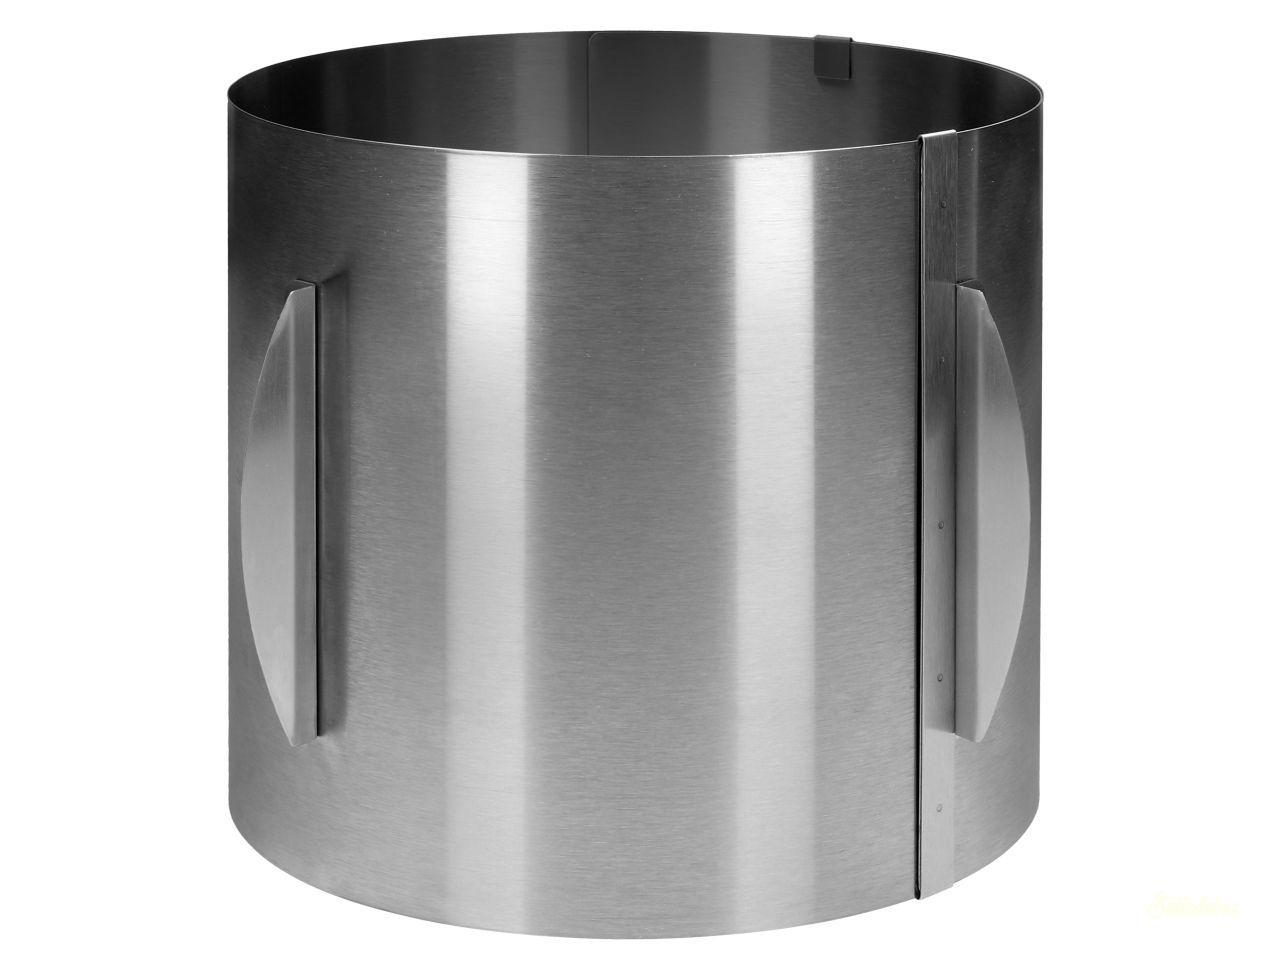 CM Rozsdamentes acél állítható tortakarika 20cm magas KEREK